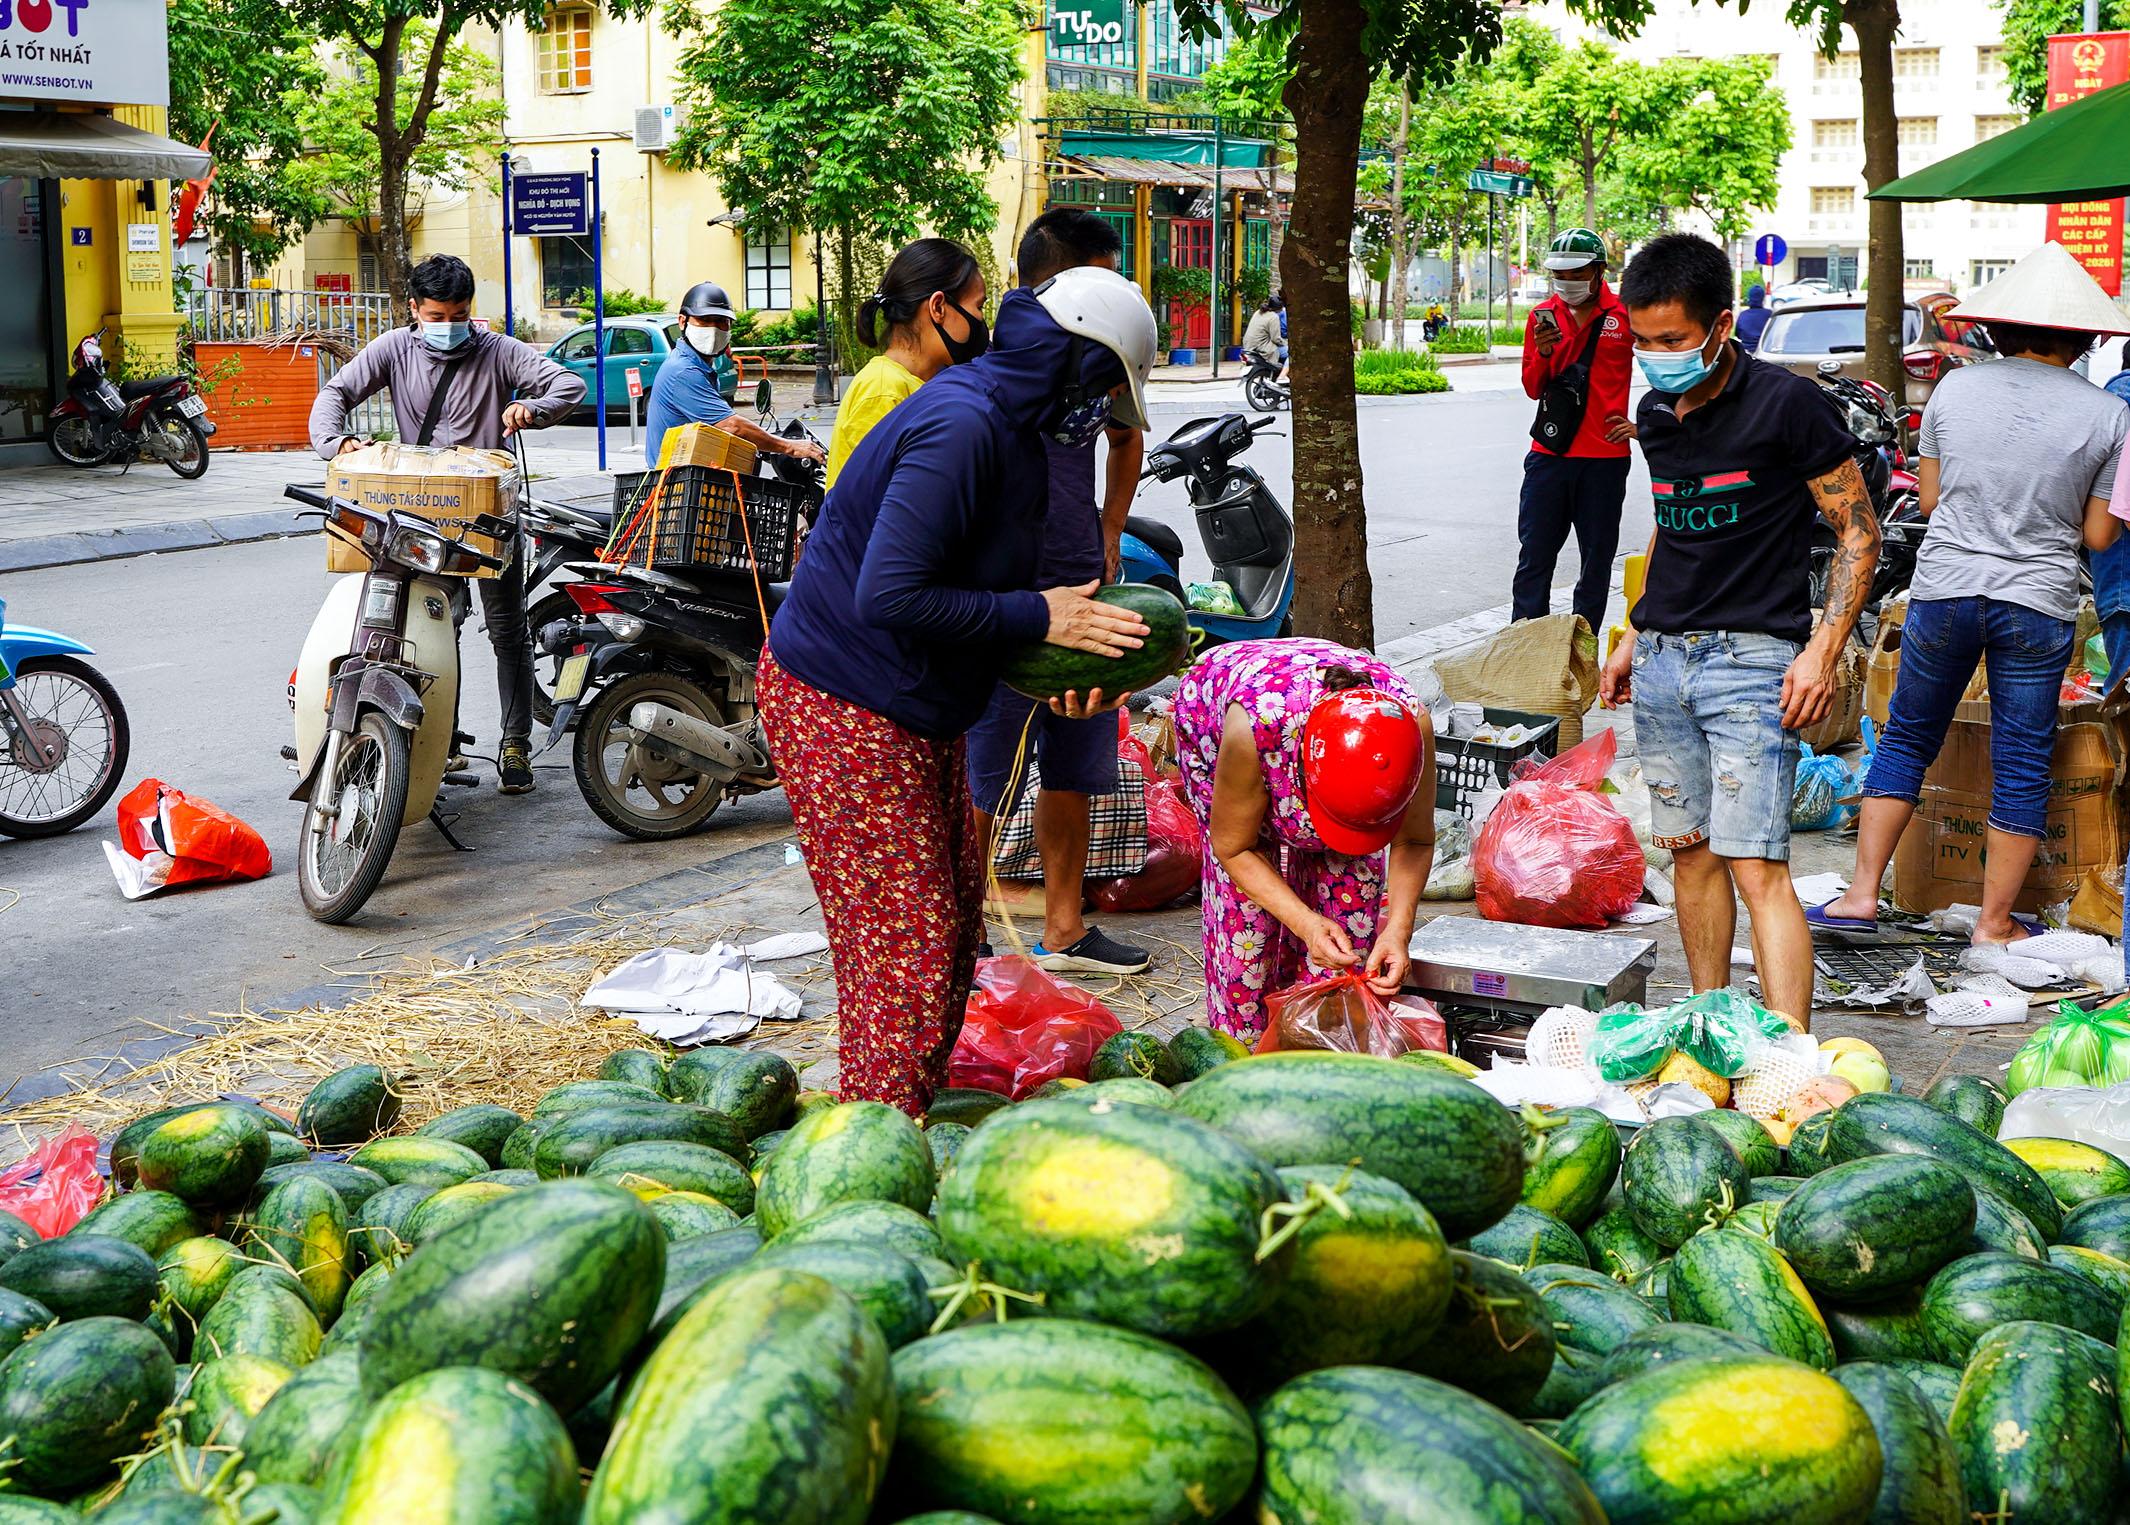 Hơn 60 tấn dưa hấu Bắc Giang được người dân Hà Nội giải cứu - Ảnh 1.